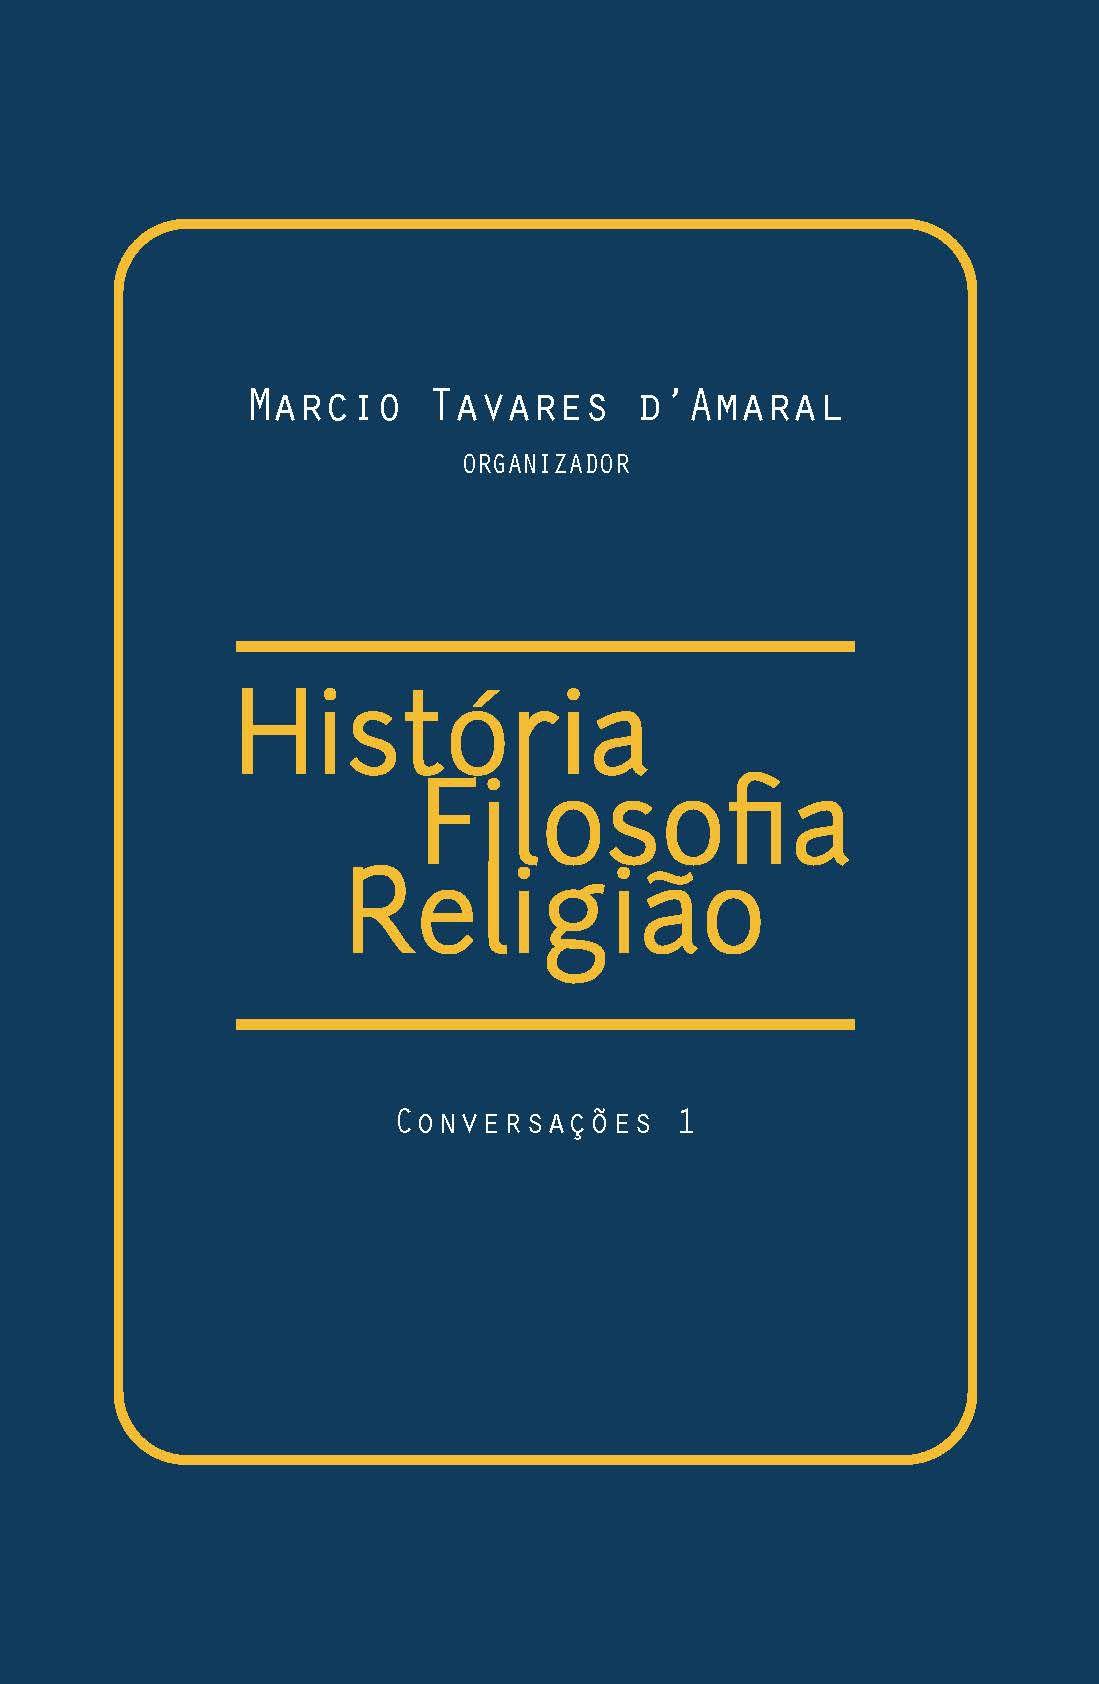 História Filosofia Religião: Conversações 1